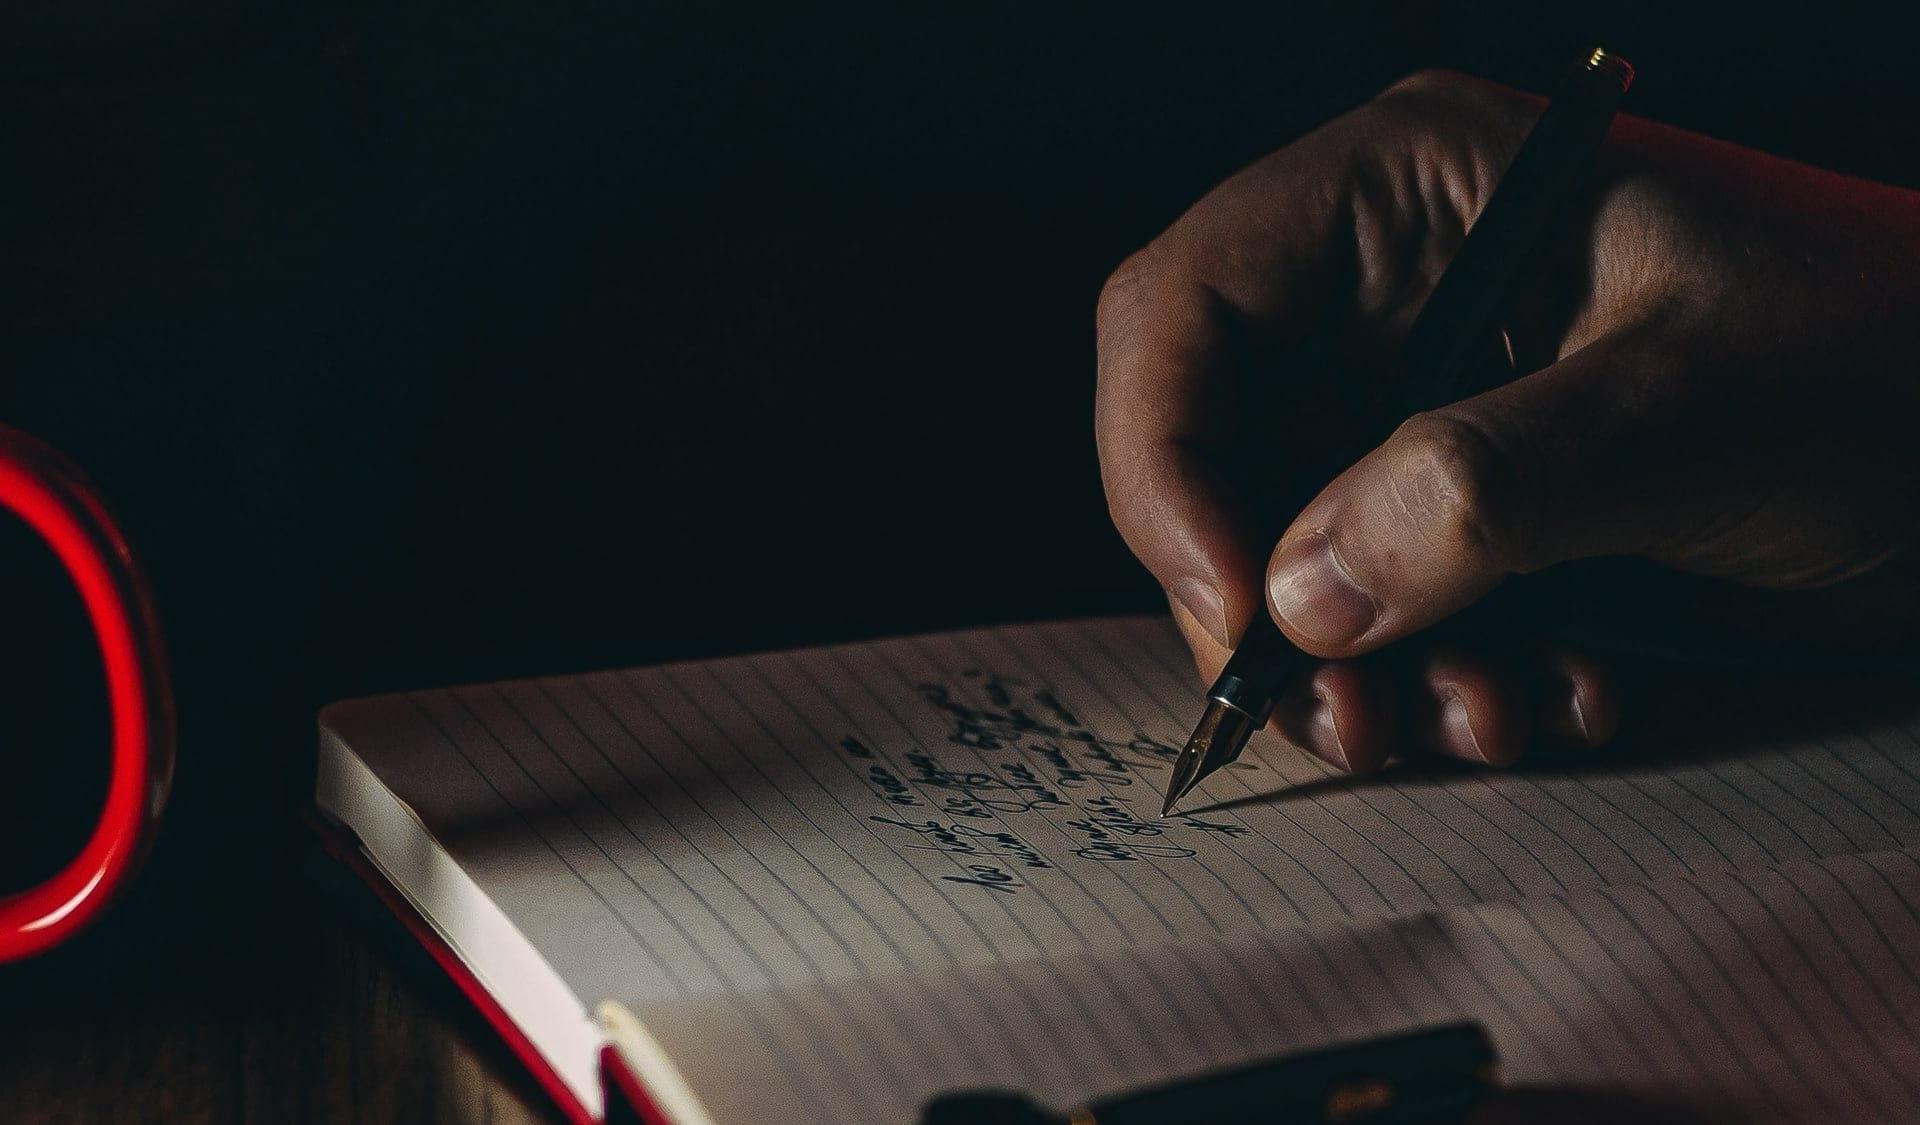 Handschriftliches Schreiben: Der Schlüssel zu einem besseren Leben